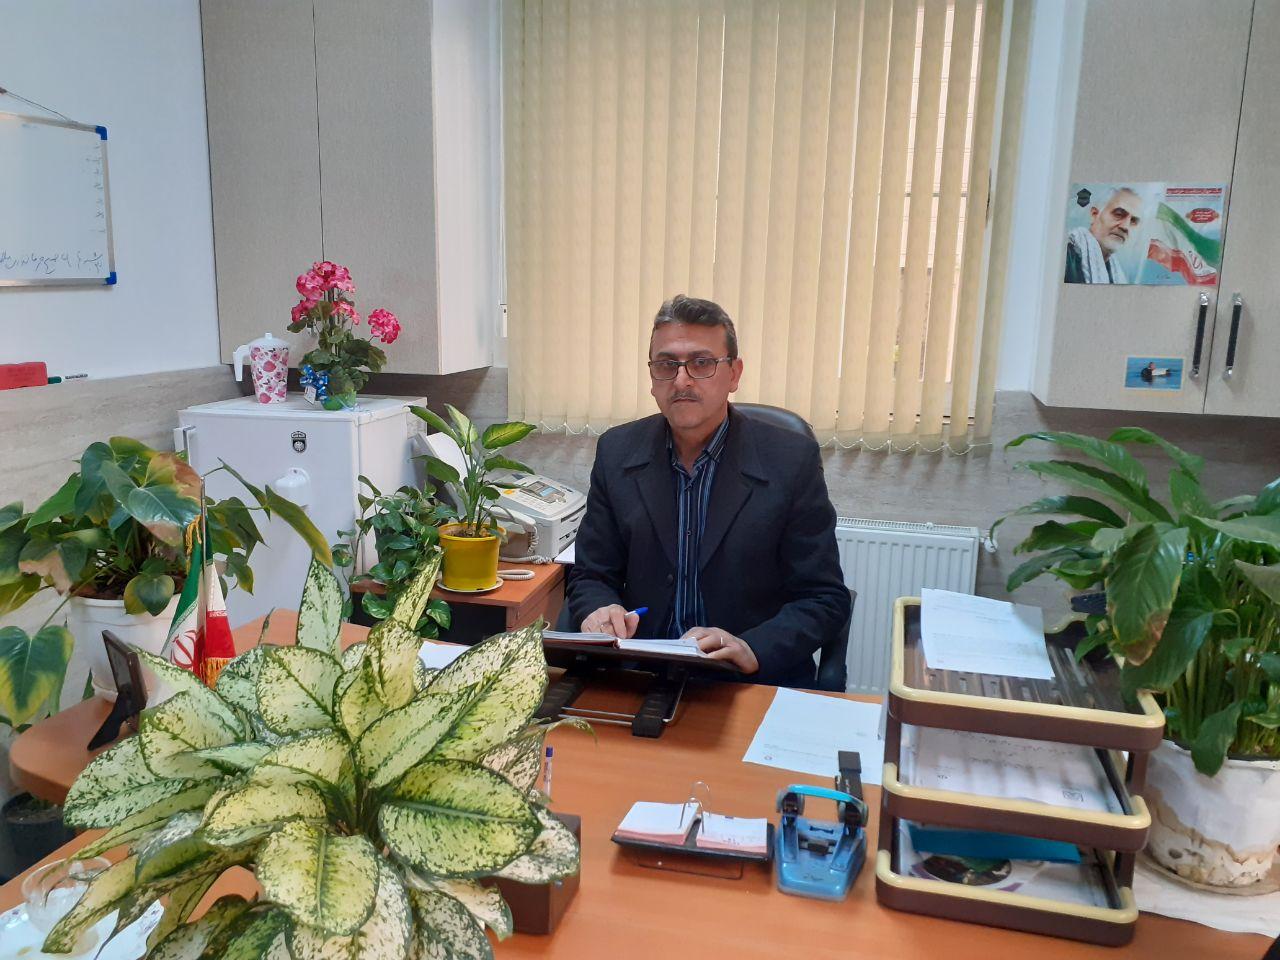 مصاحبه اختصاصی خبرنگار گیل فام با جعفر میرزایی رئیس محیط زیست شهرستان آستانه اشرفیه به مناسبت روز هوای پاک